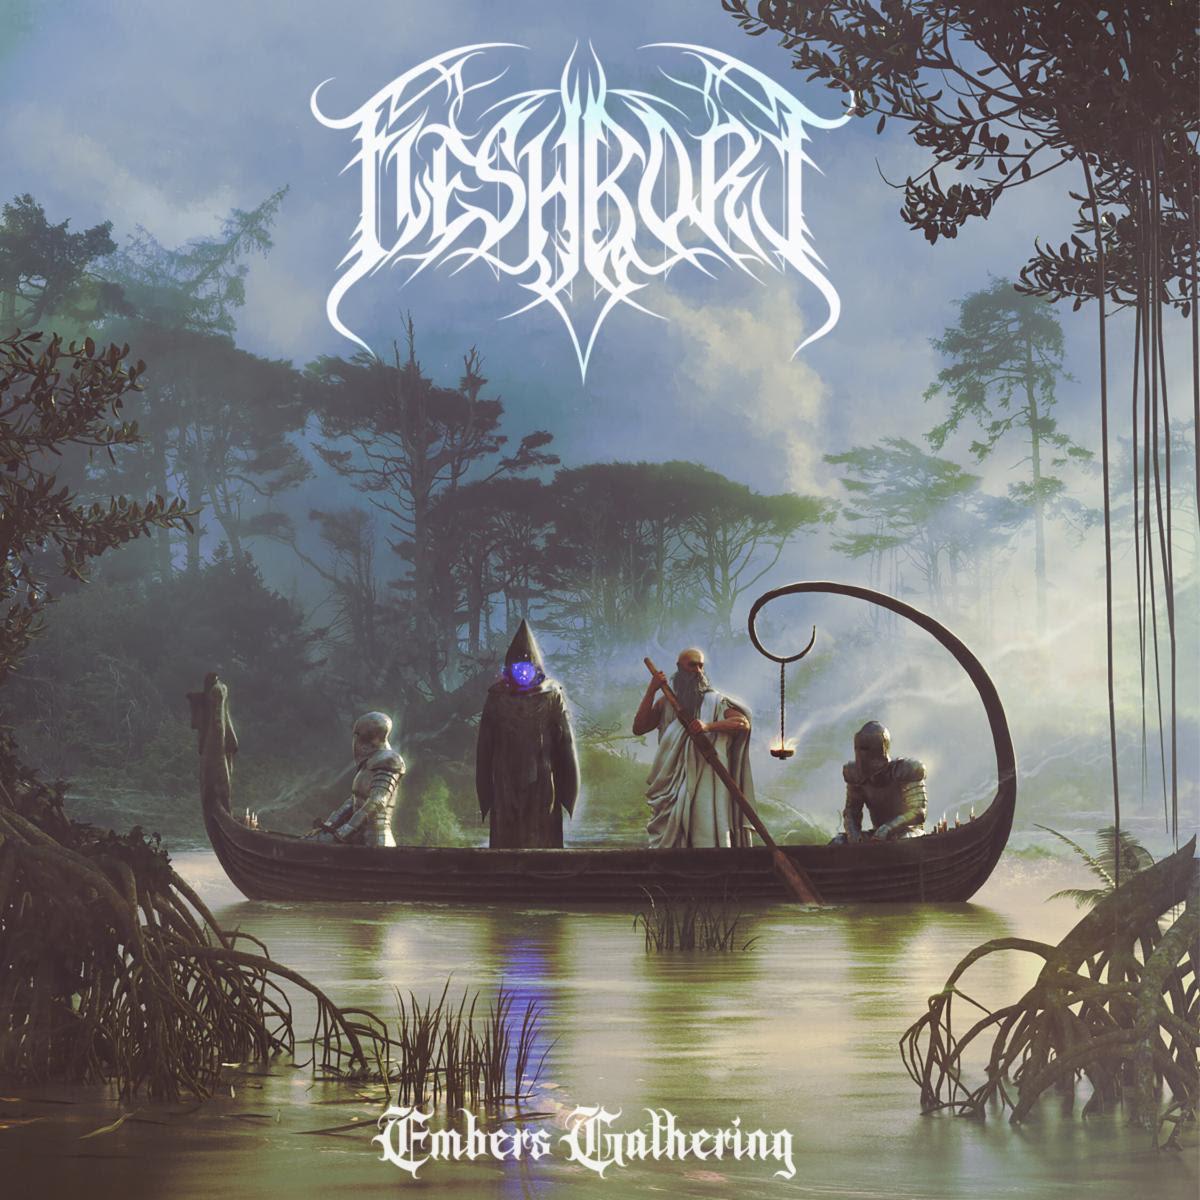 Fleshbore